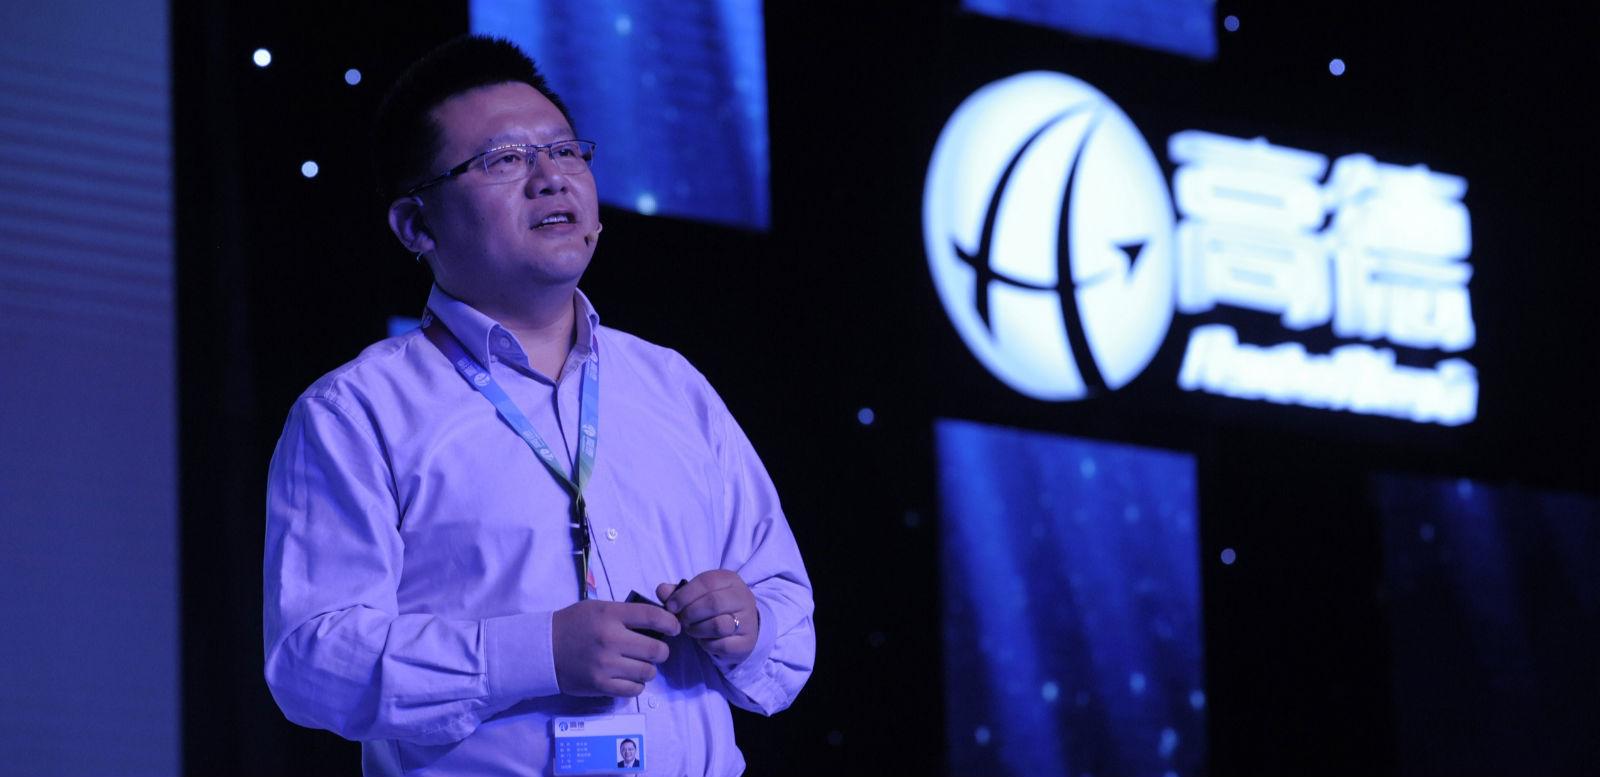 俞永福:「互联网汽车」终究还是汽车,有敬畏才能走得远